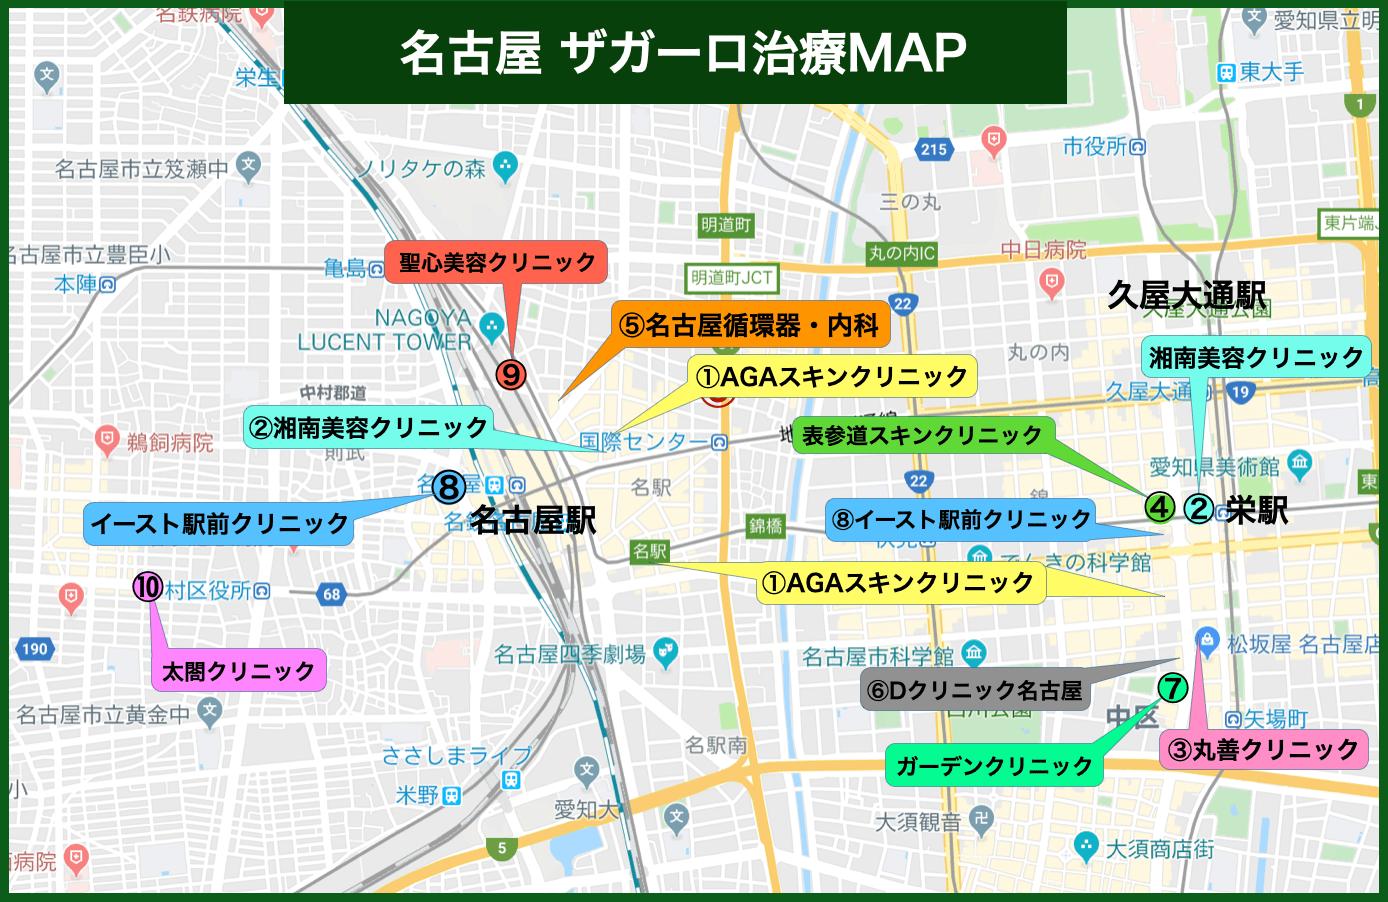 名古屋 ザガーロ治療MAP(2021年版)